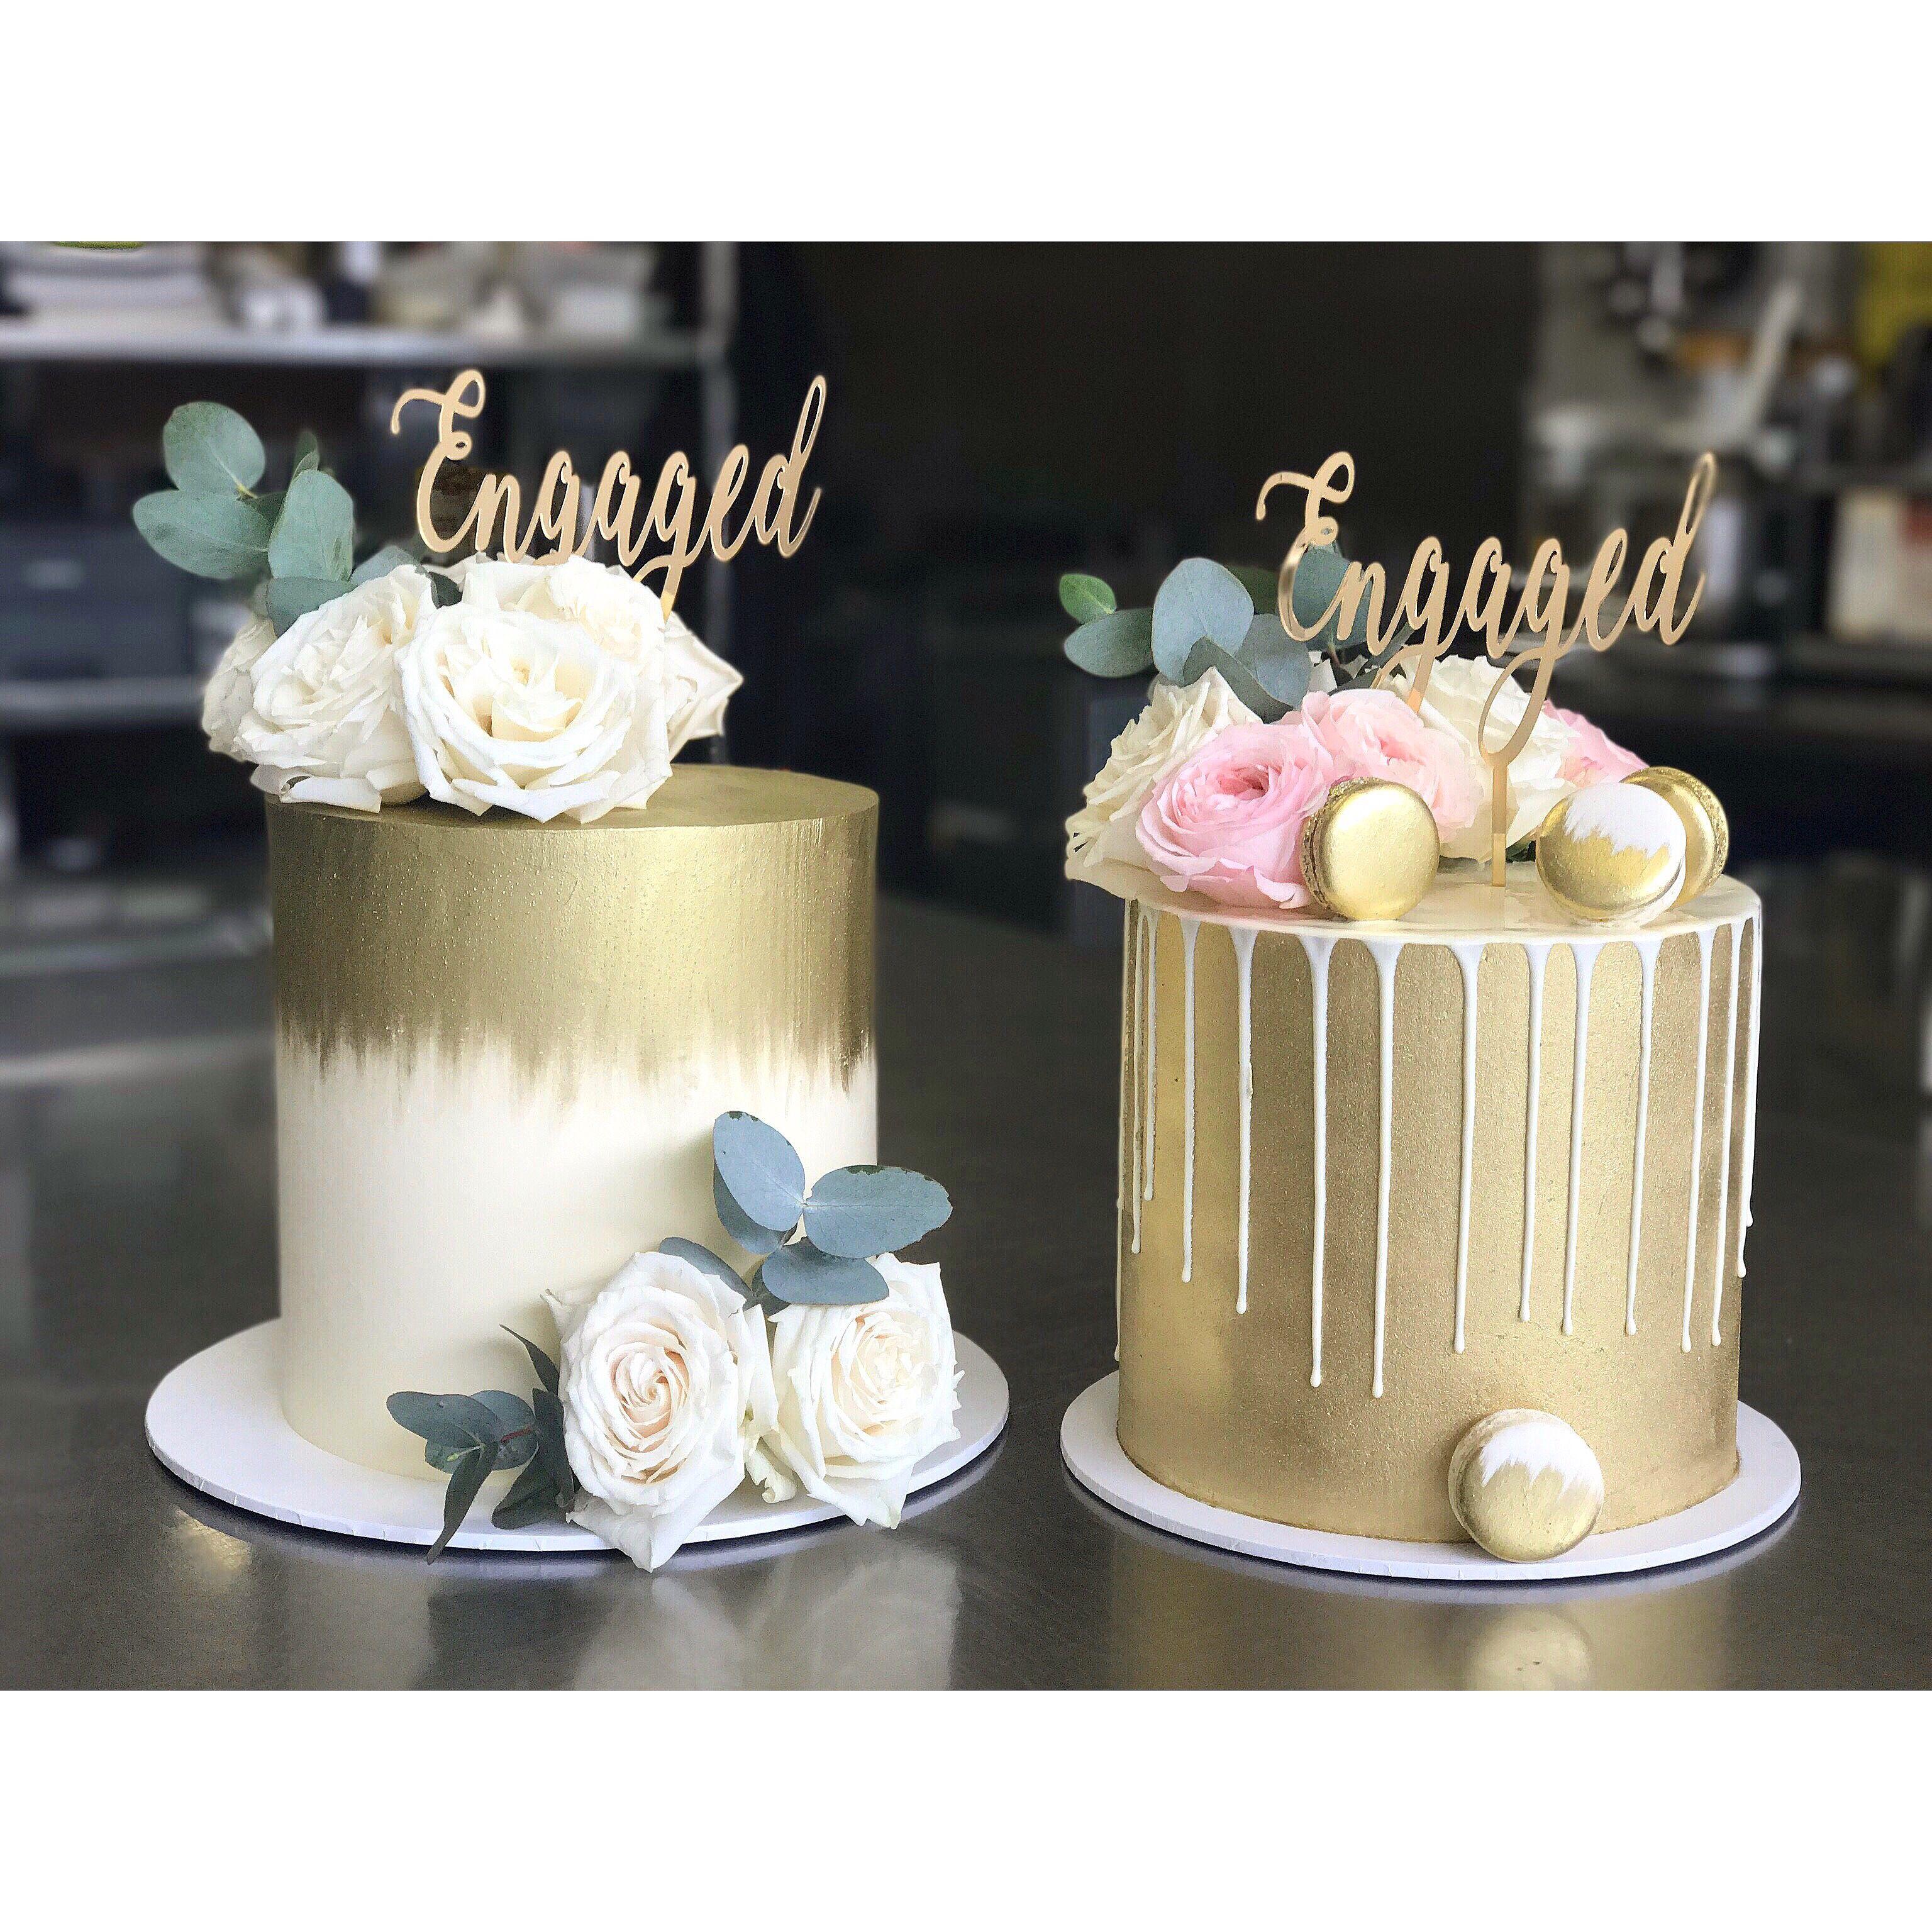 Engagement cakes, cake topper, fresh flowers Cake